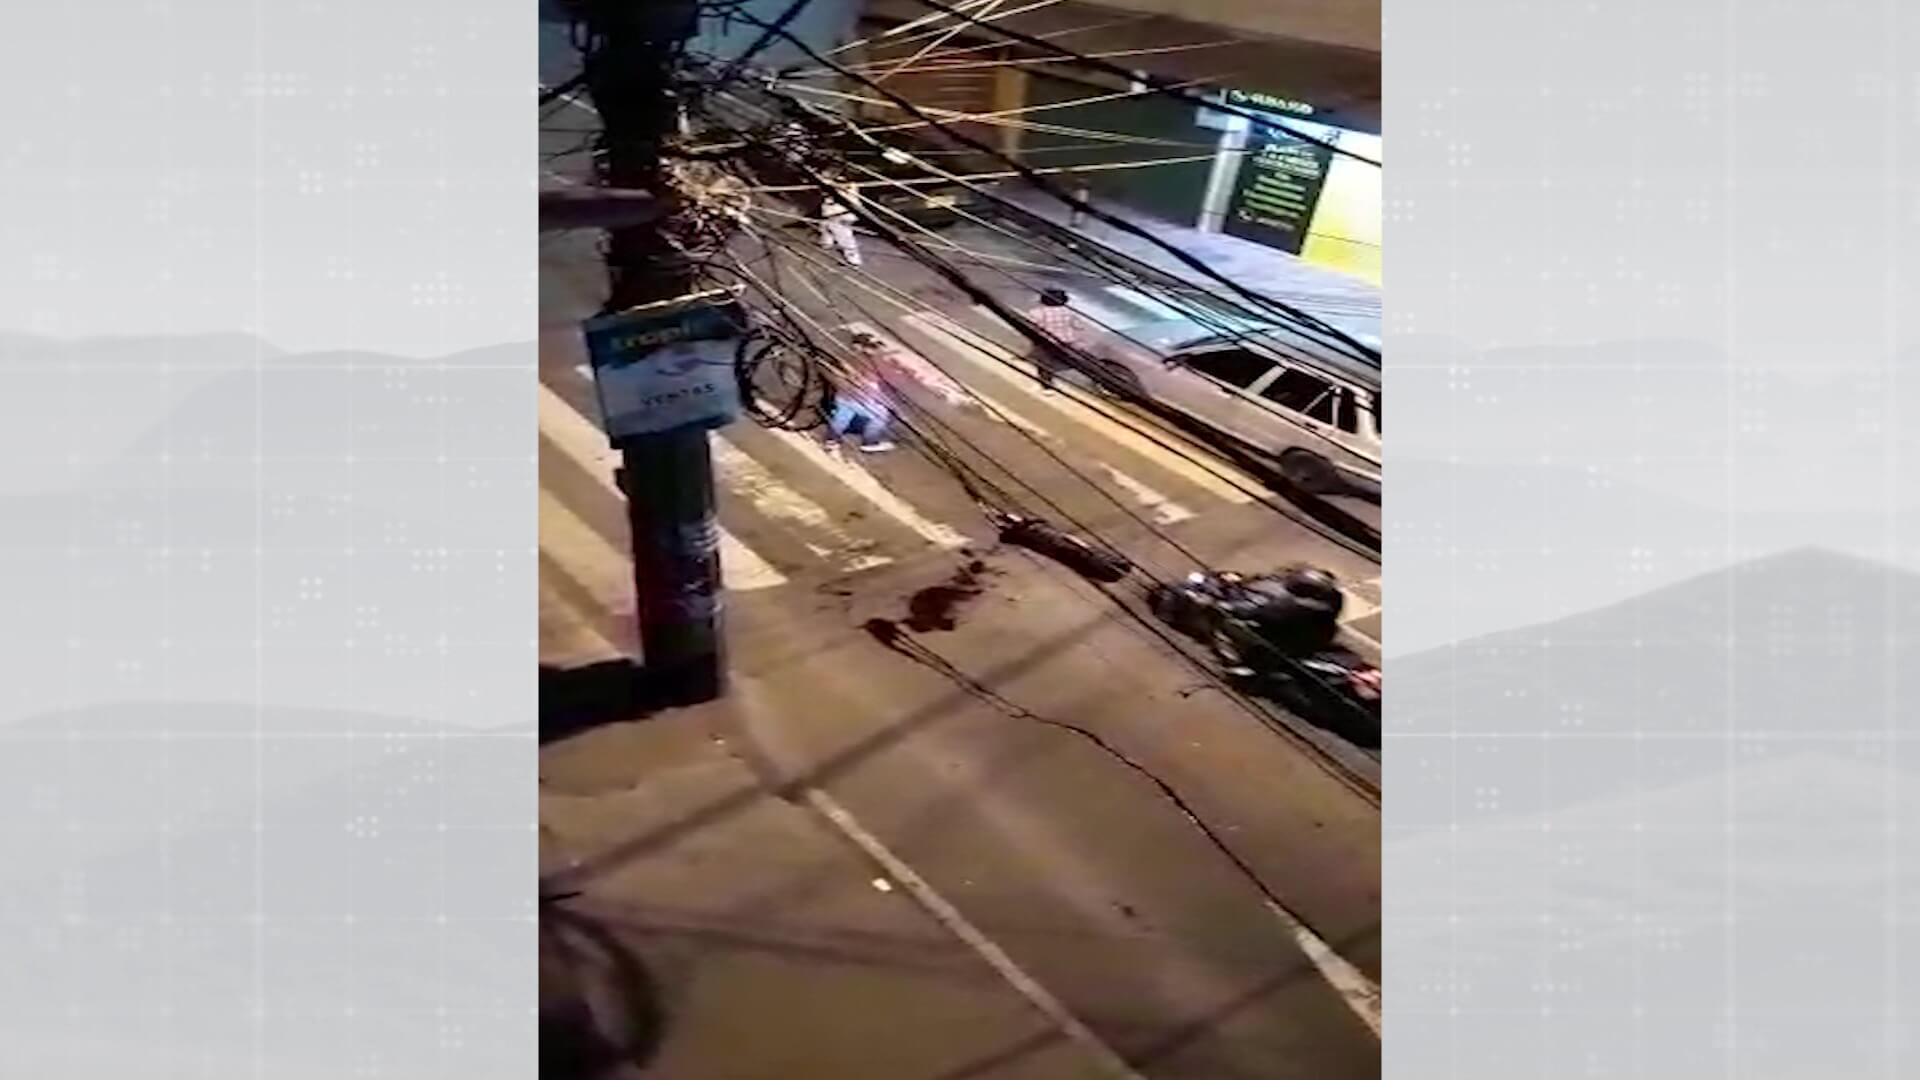 Taxista fallece tras recibir heridas con arma blanca